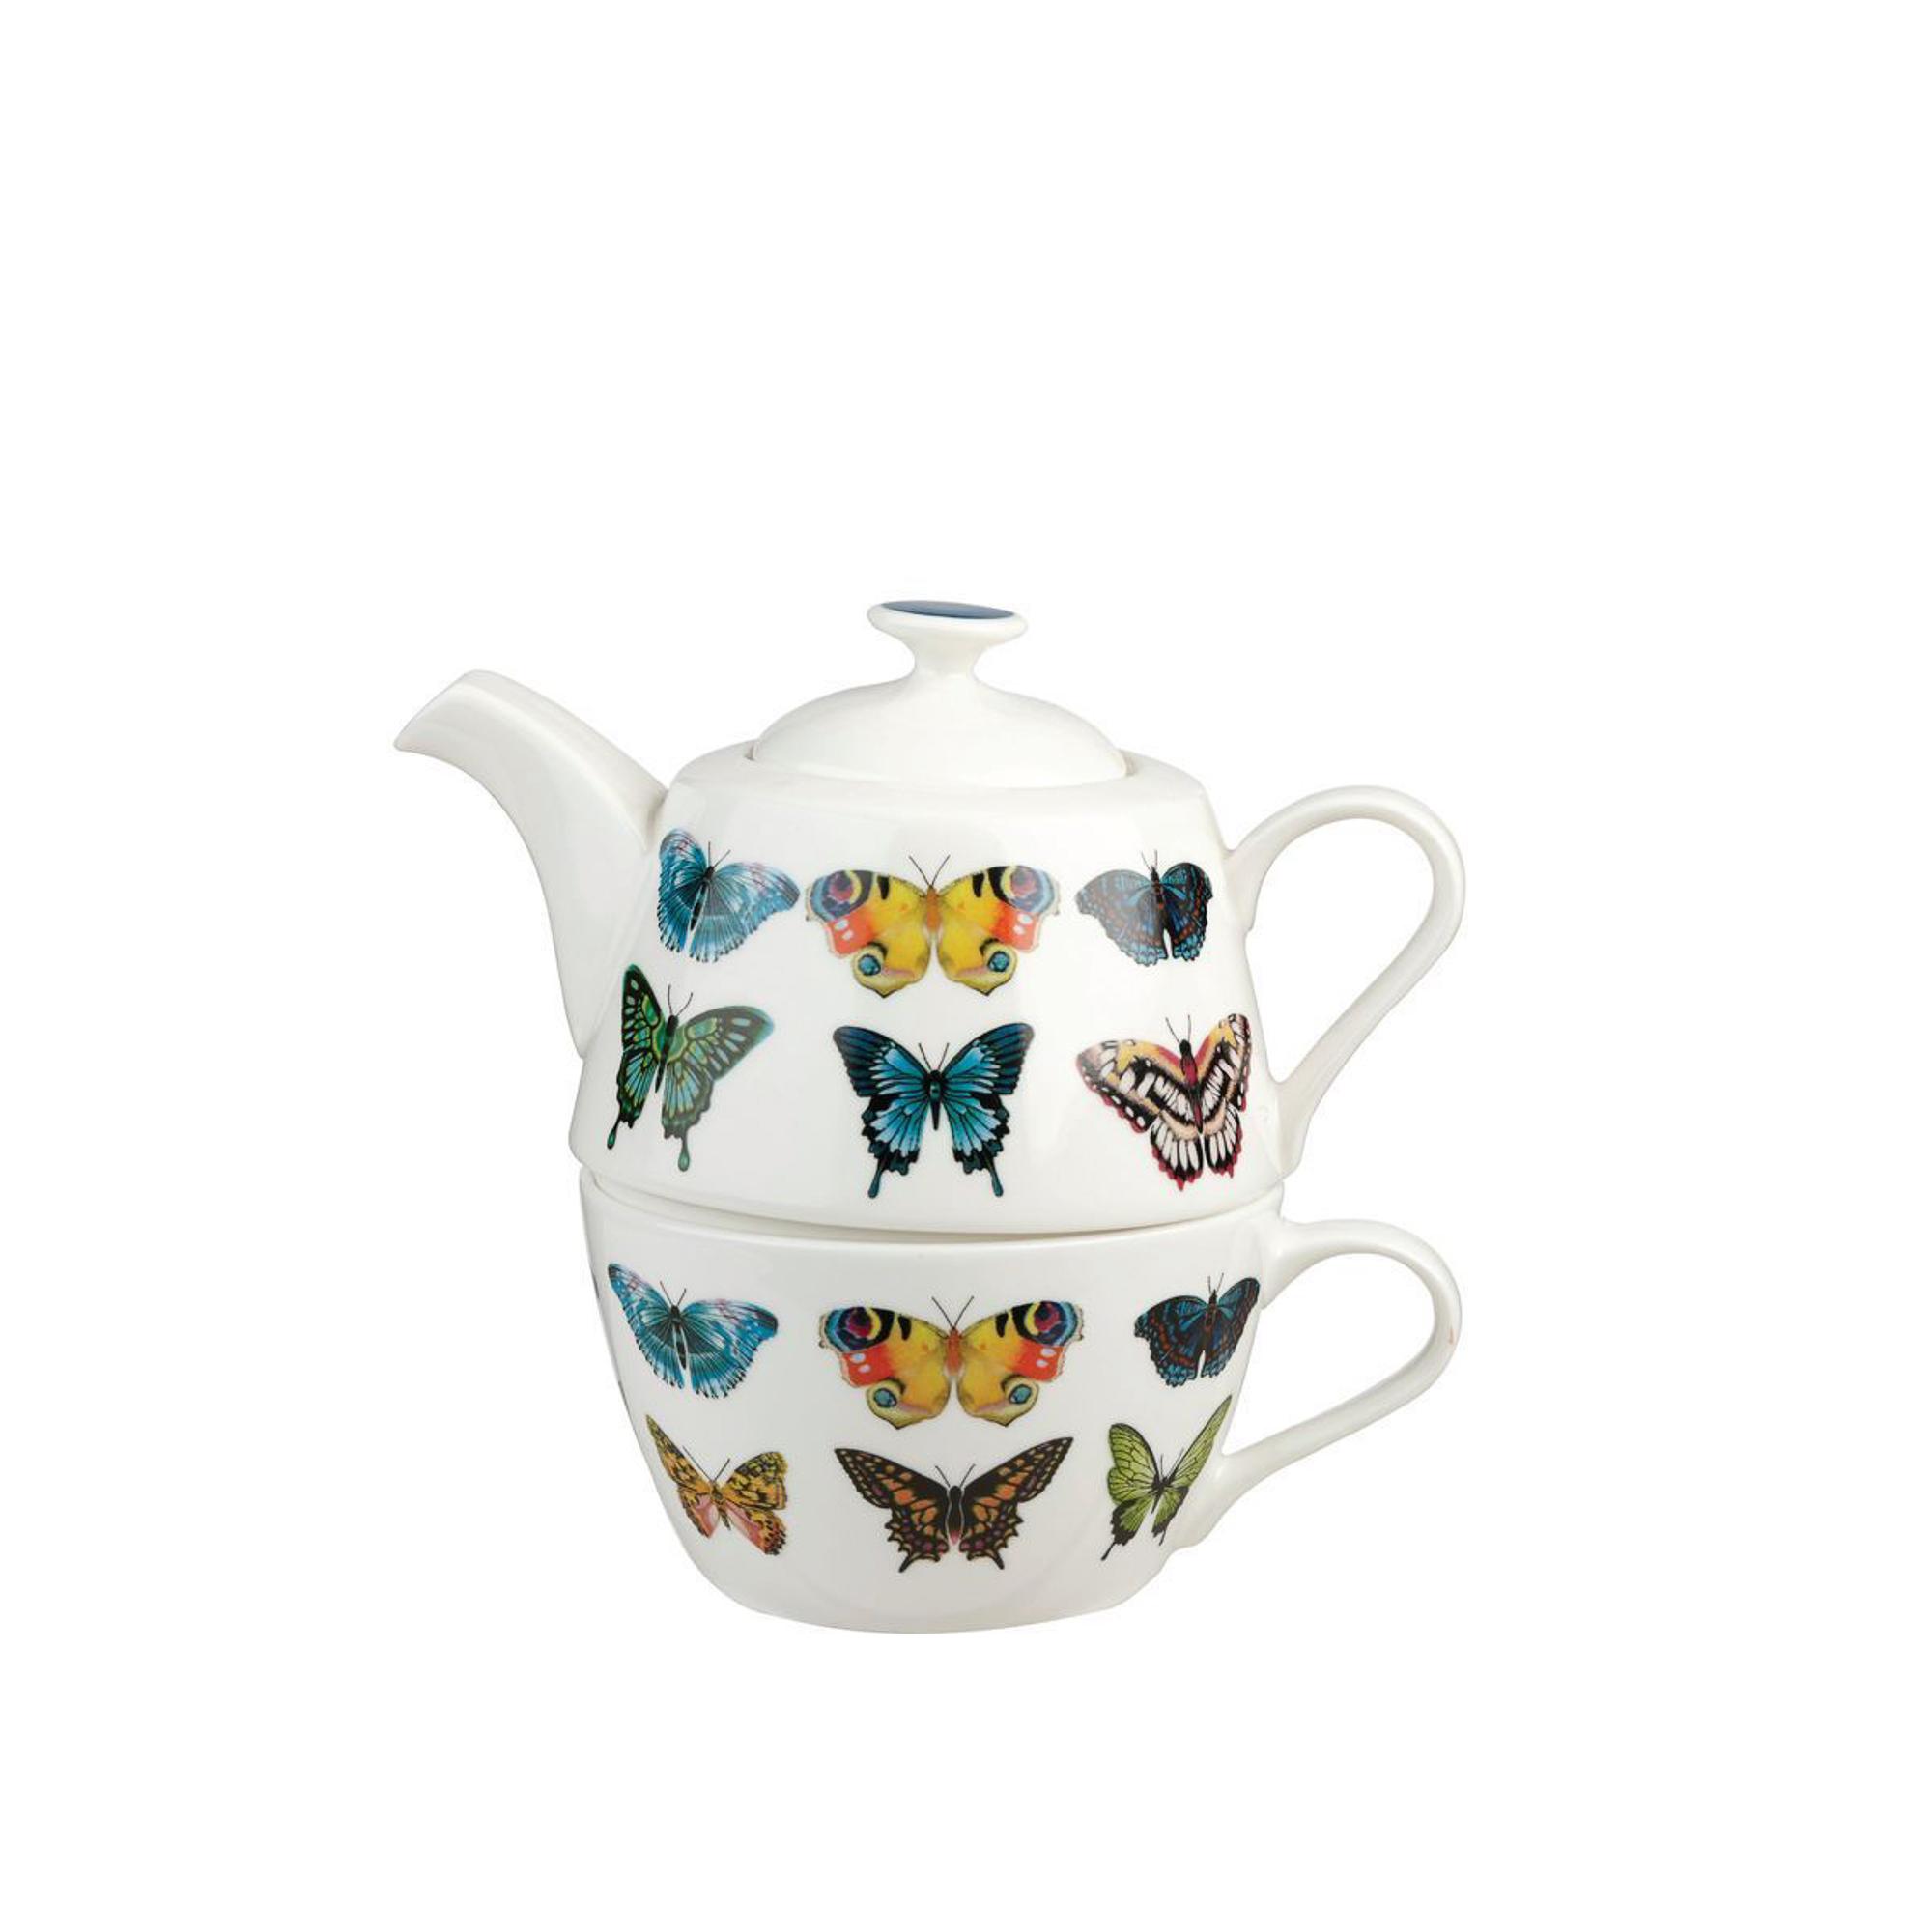 Фото - Набор чайный Бабочки серия Арлекин Churchill набор чайный гималайские цветы 3 предмета churchill himf00081